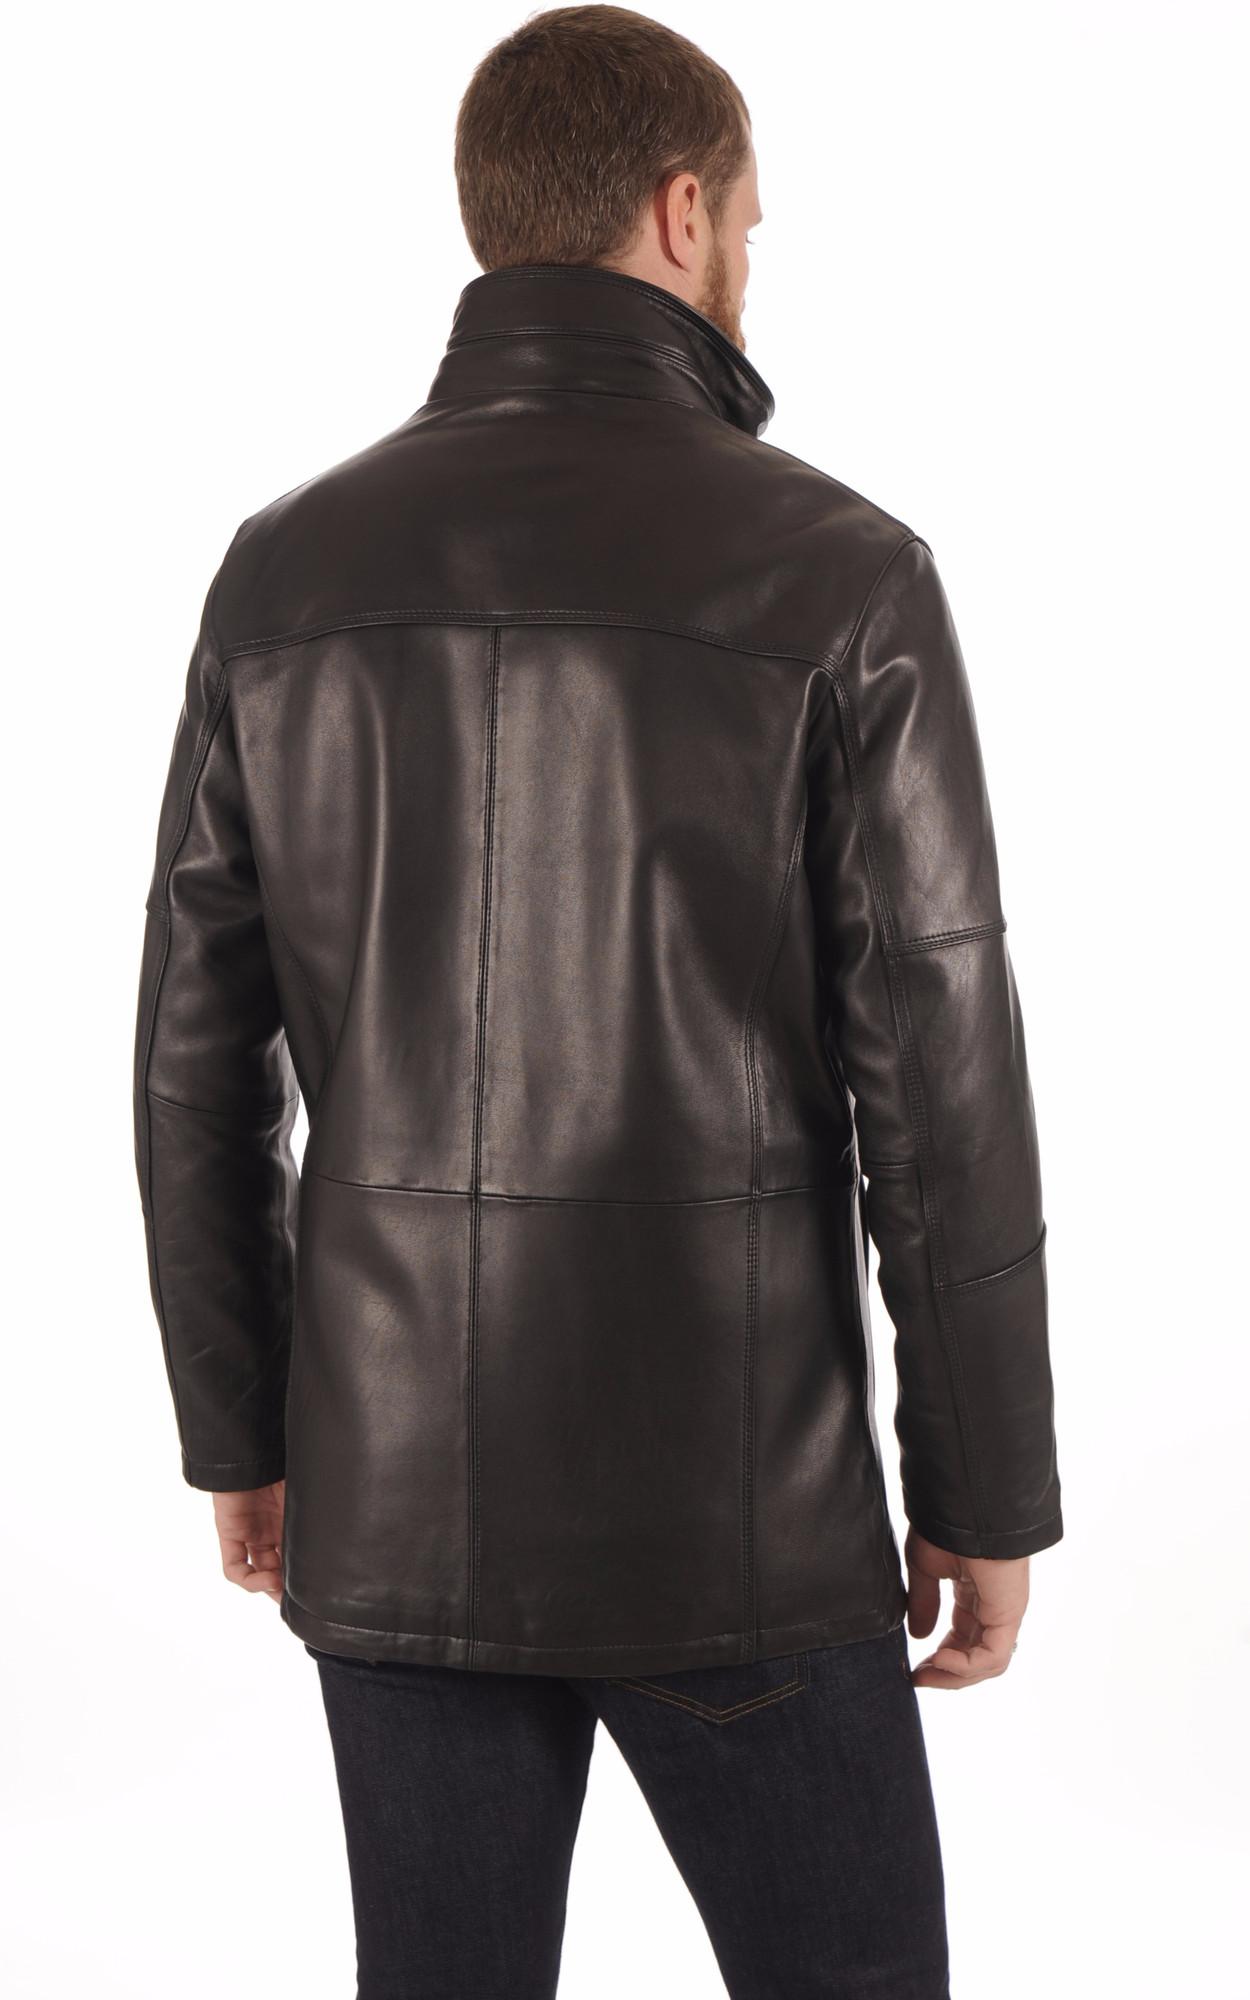 Veste Confortable Cuir Noir